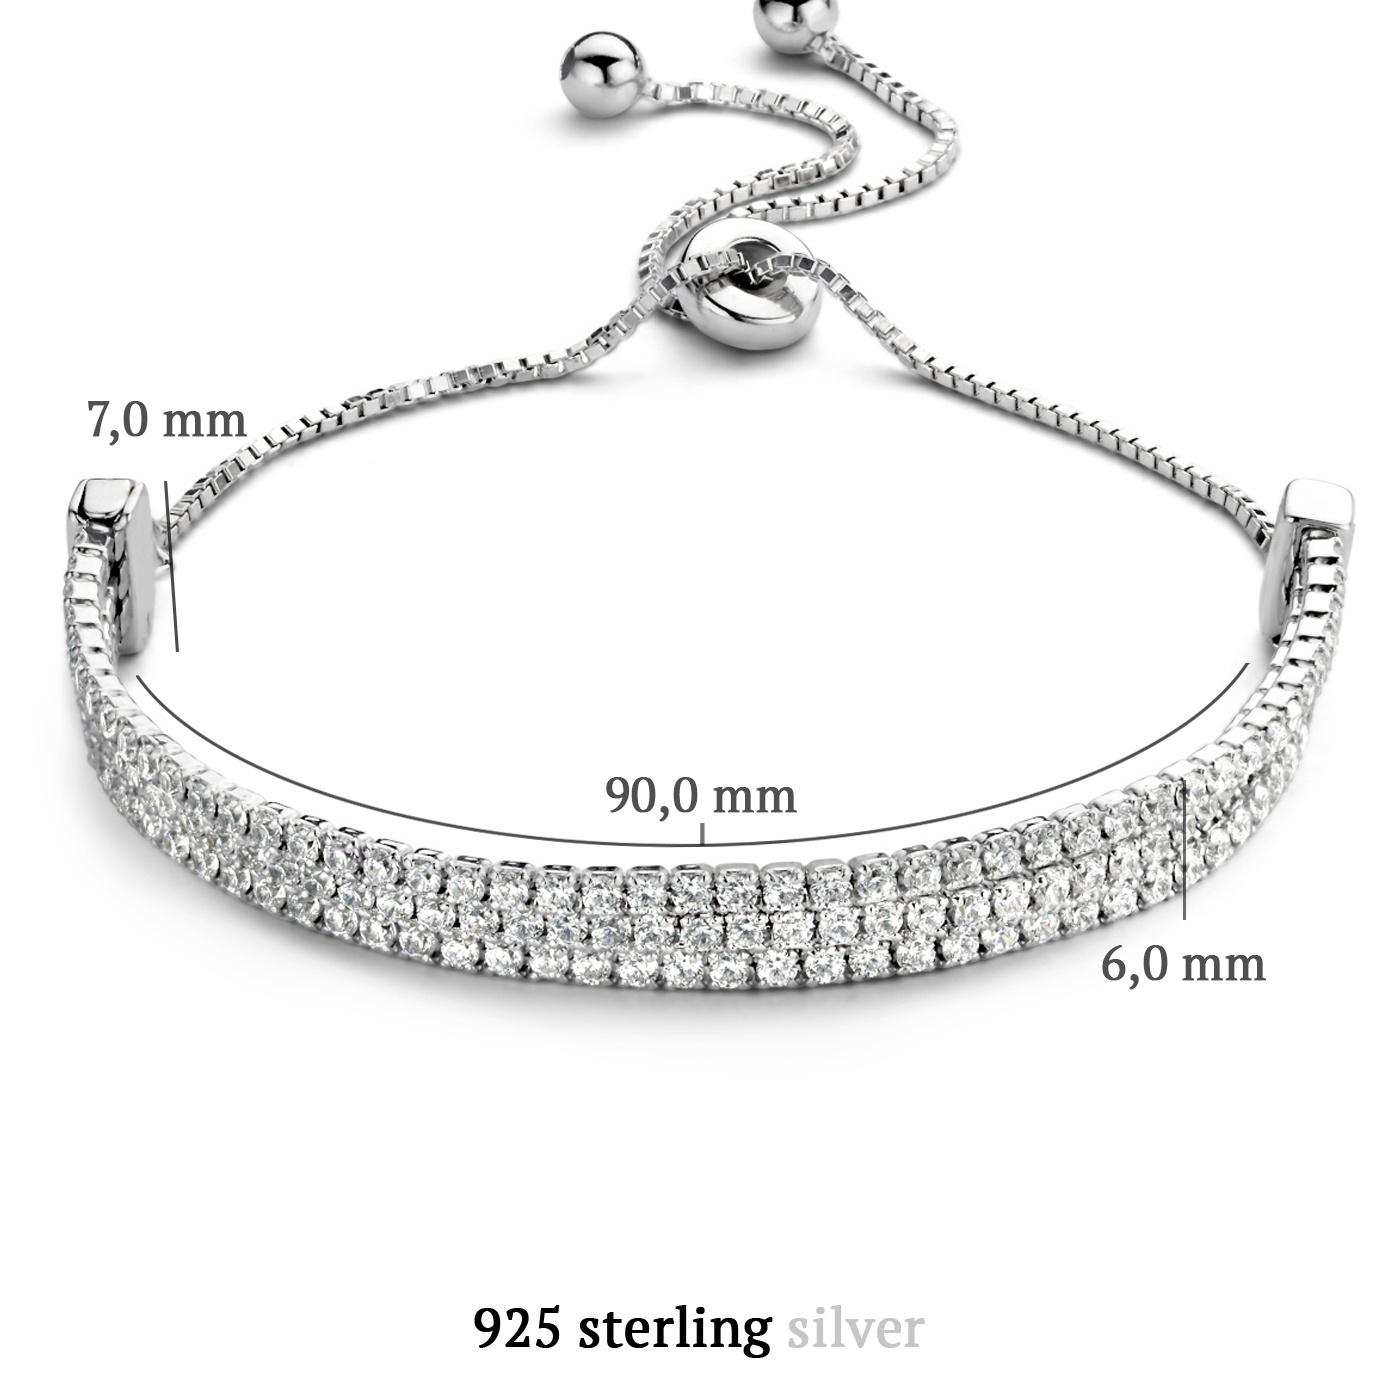 Parte di Me Ponte Vecchio Vasariano bracelet en argent sterling 925